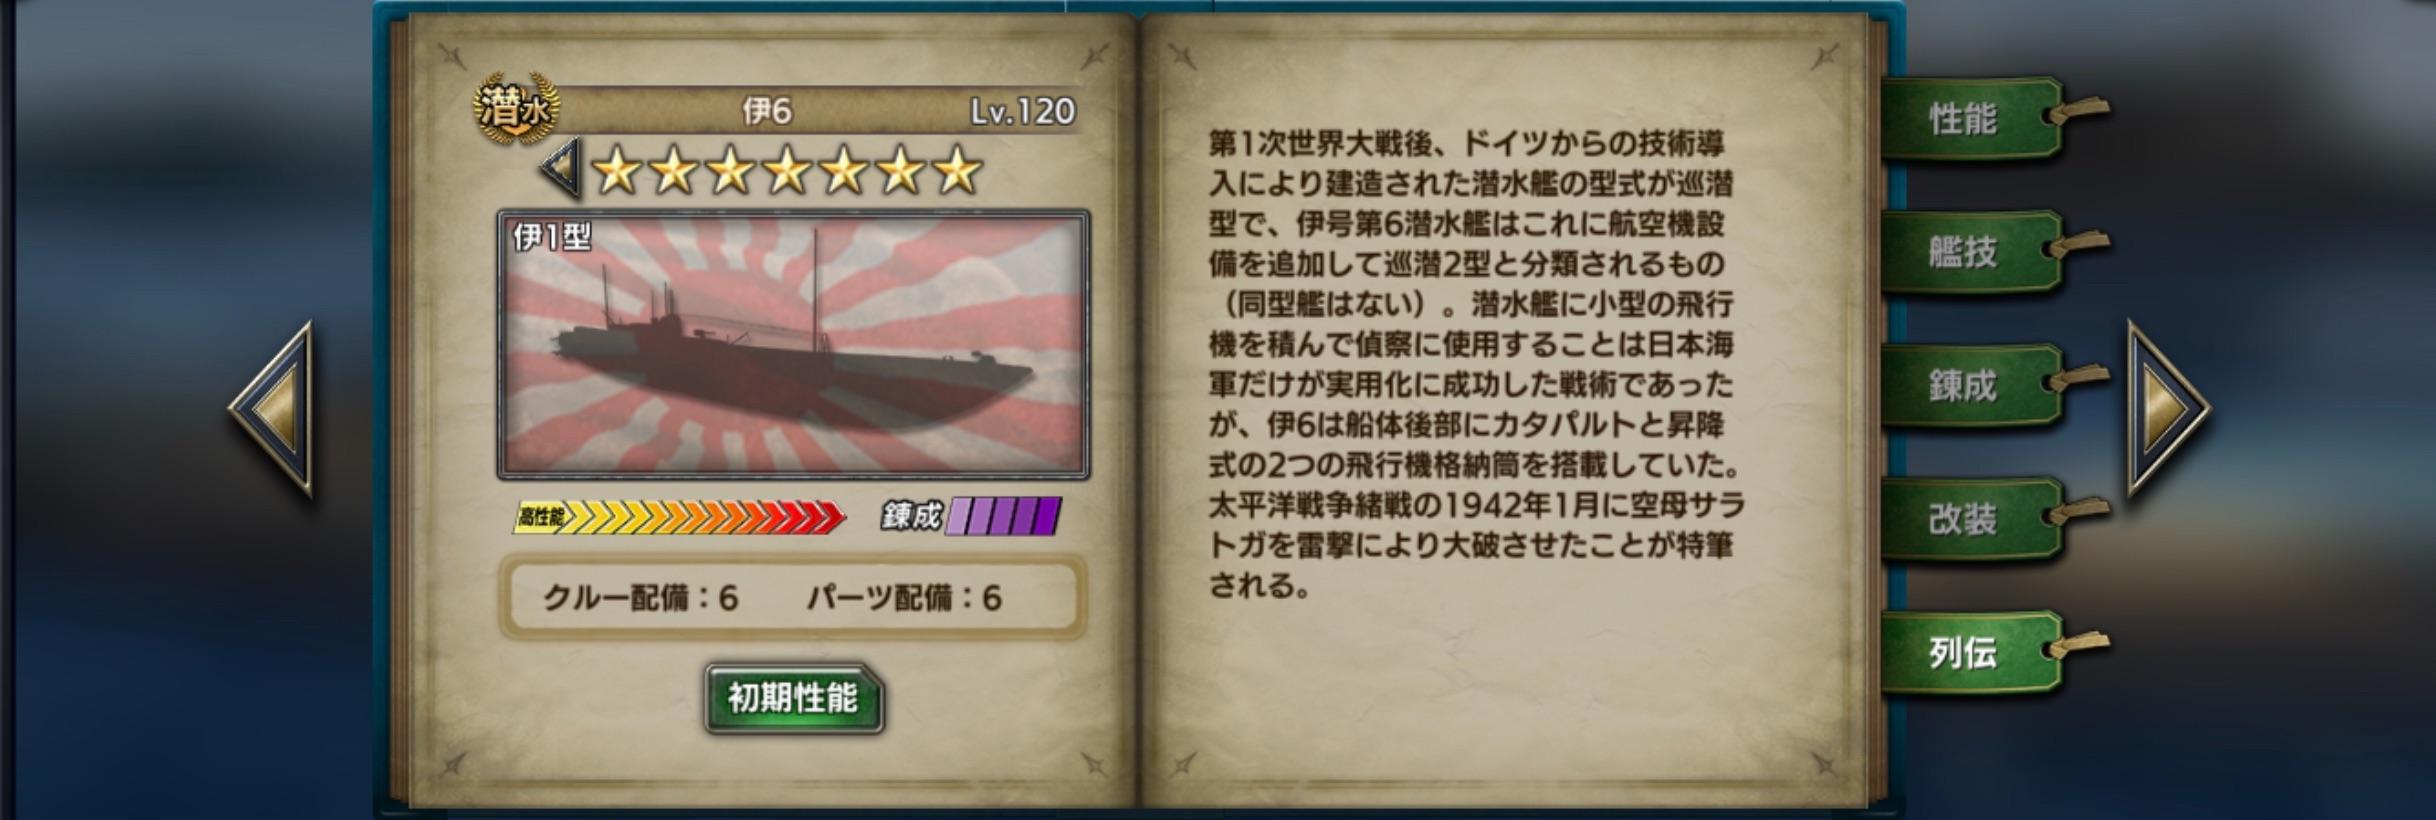 i6-history